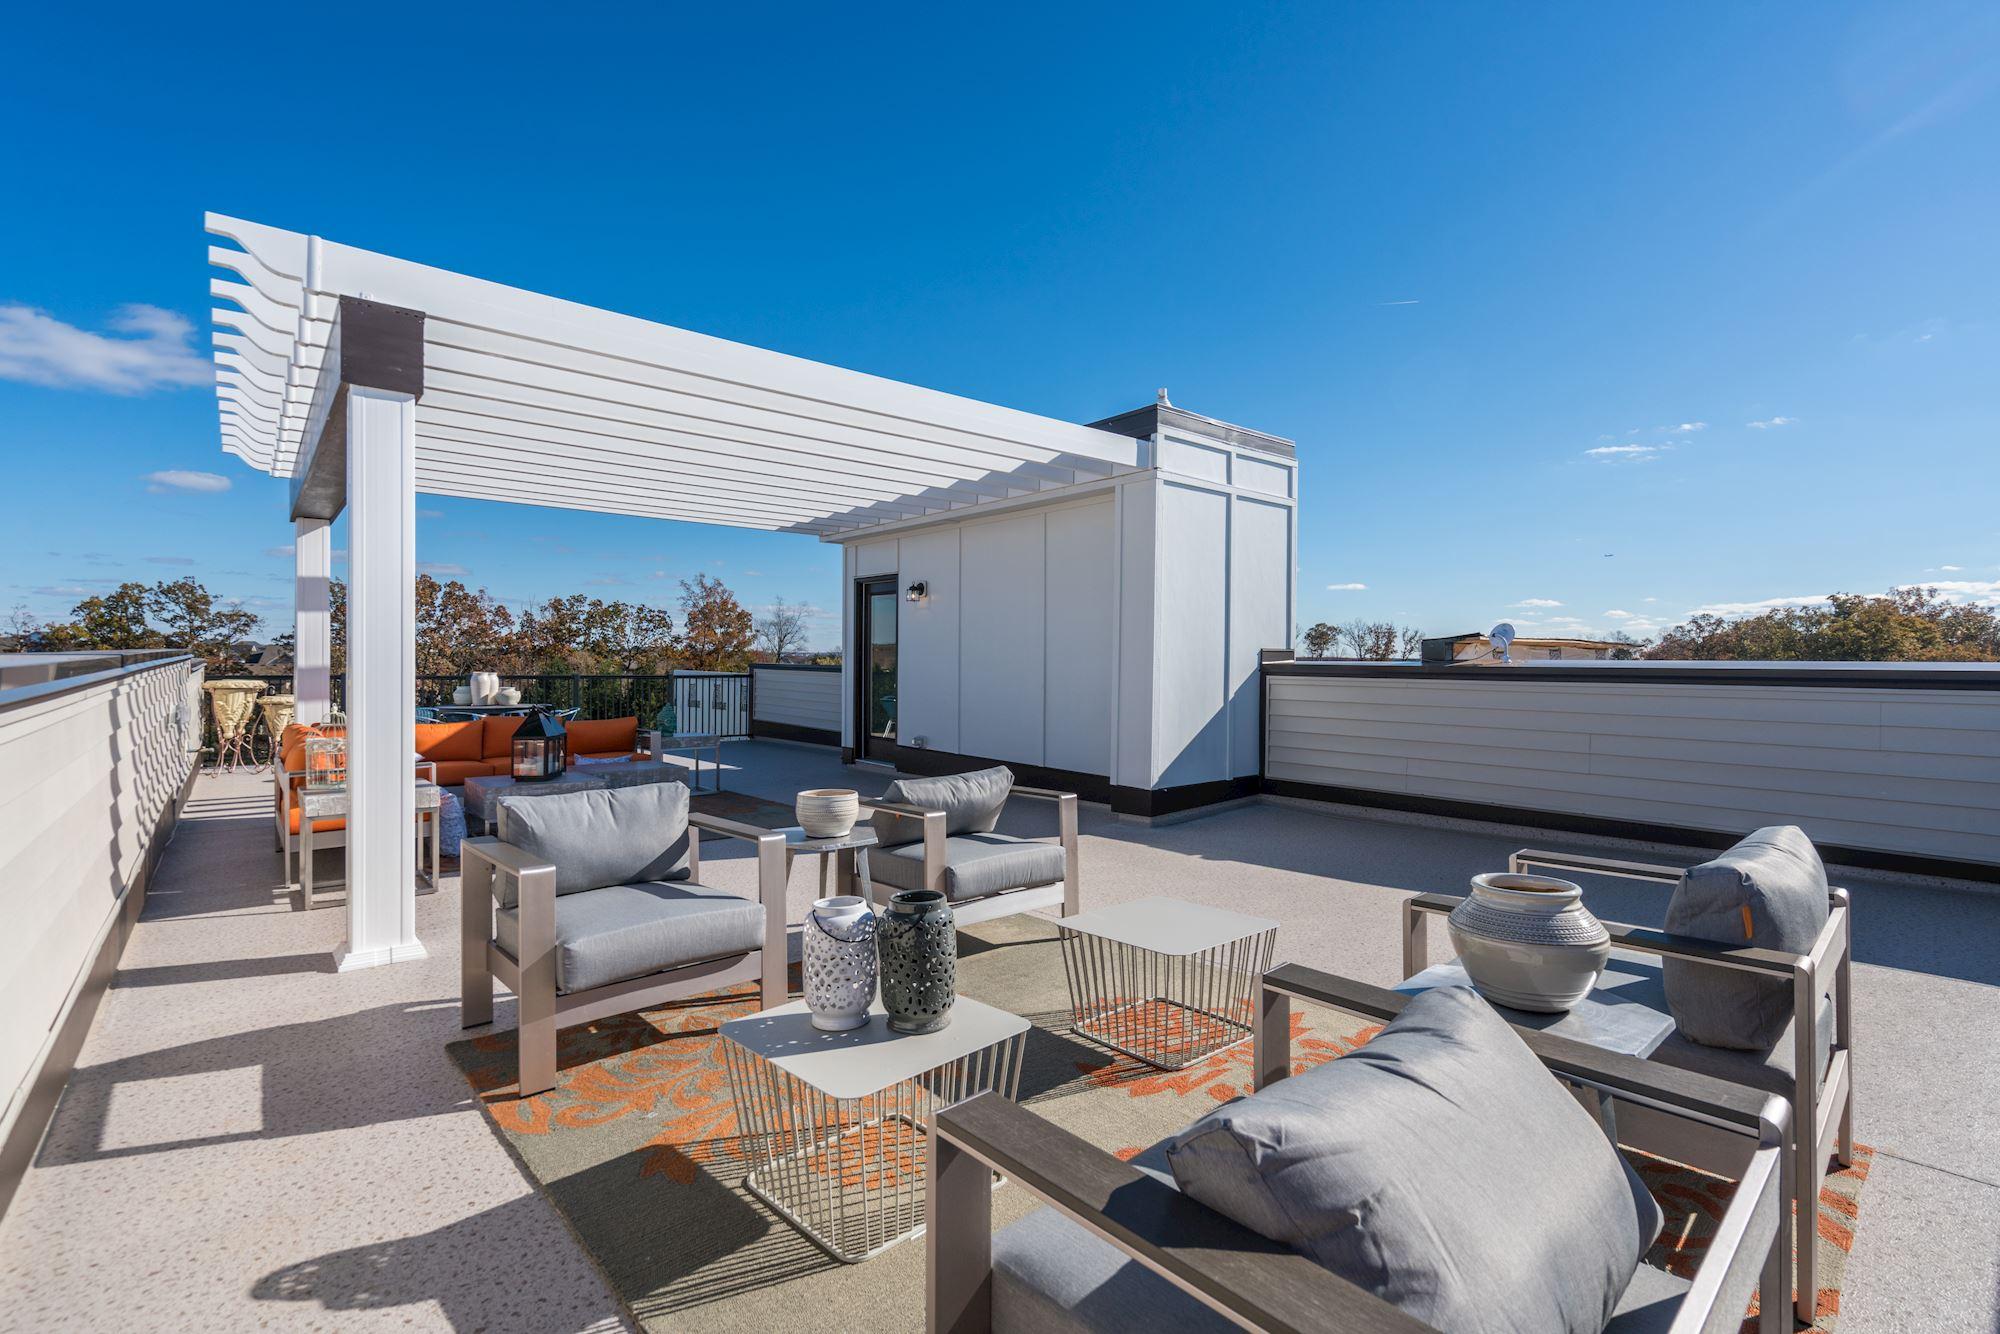 Brambleton — Terrace Patio